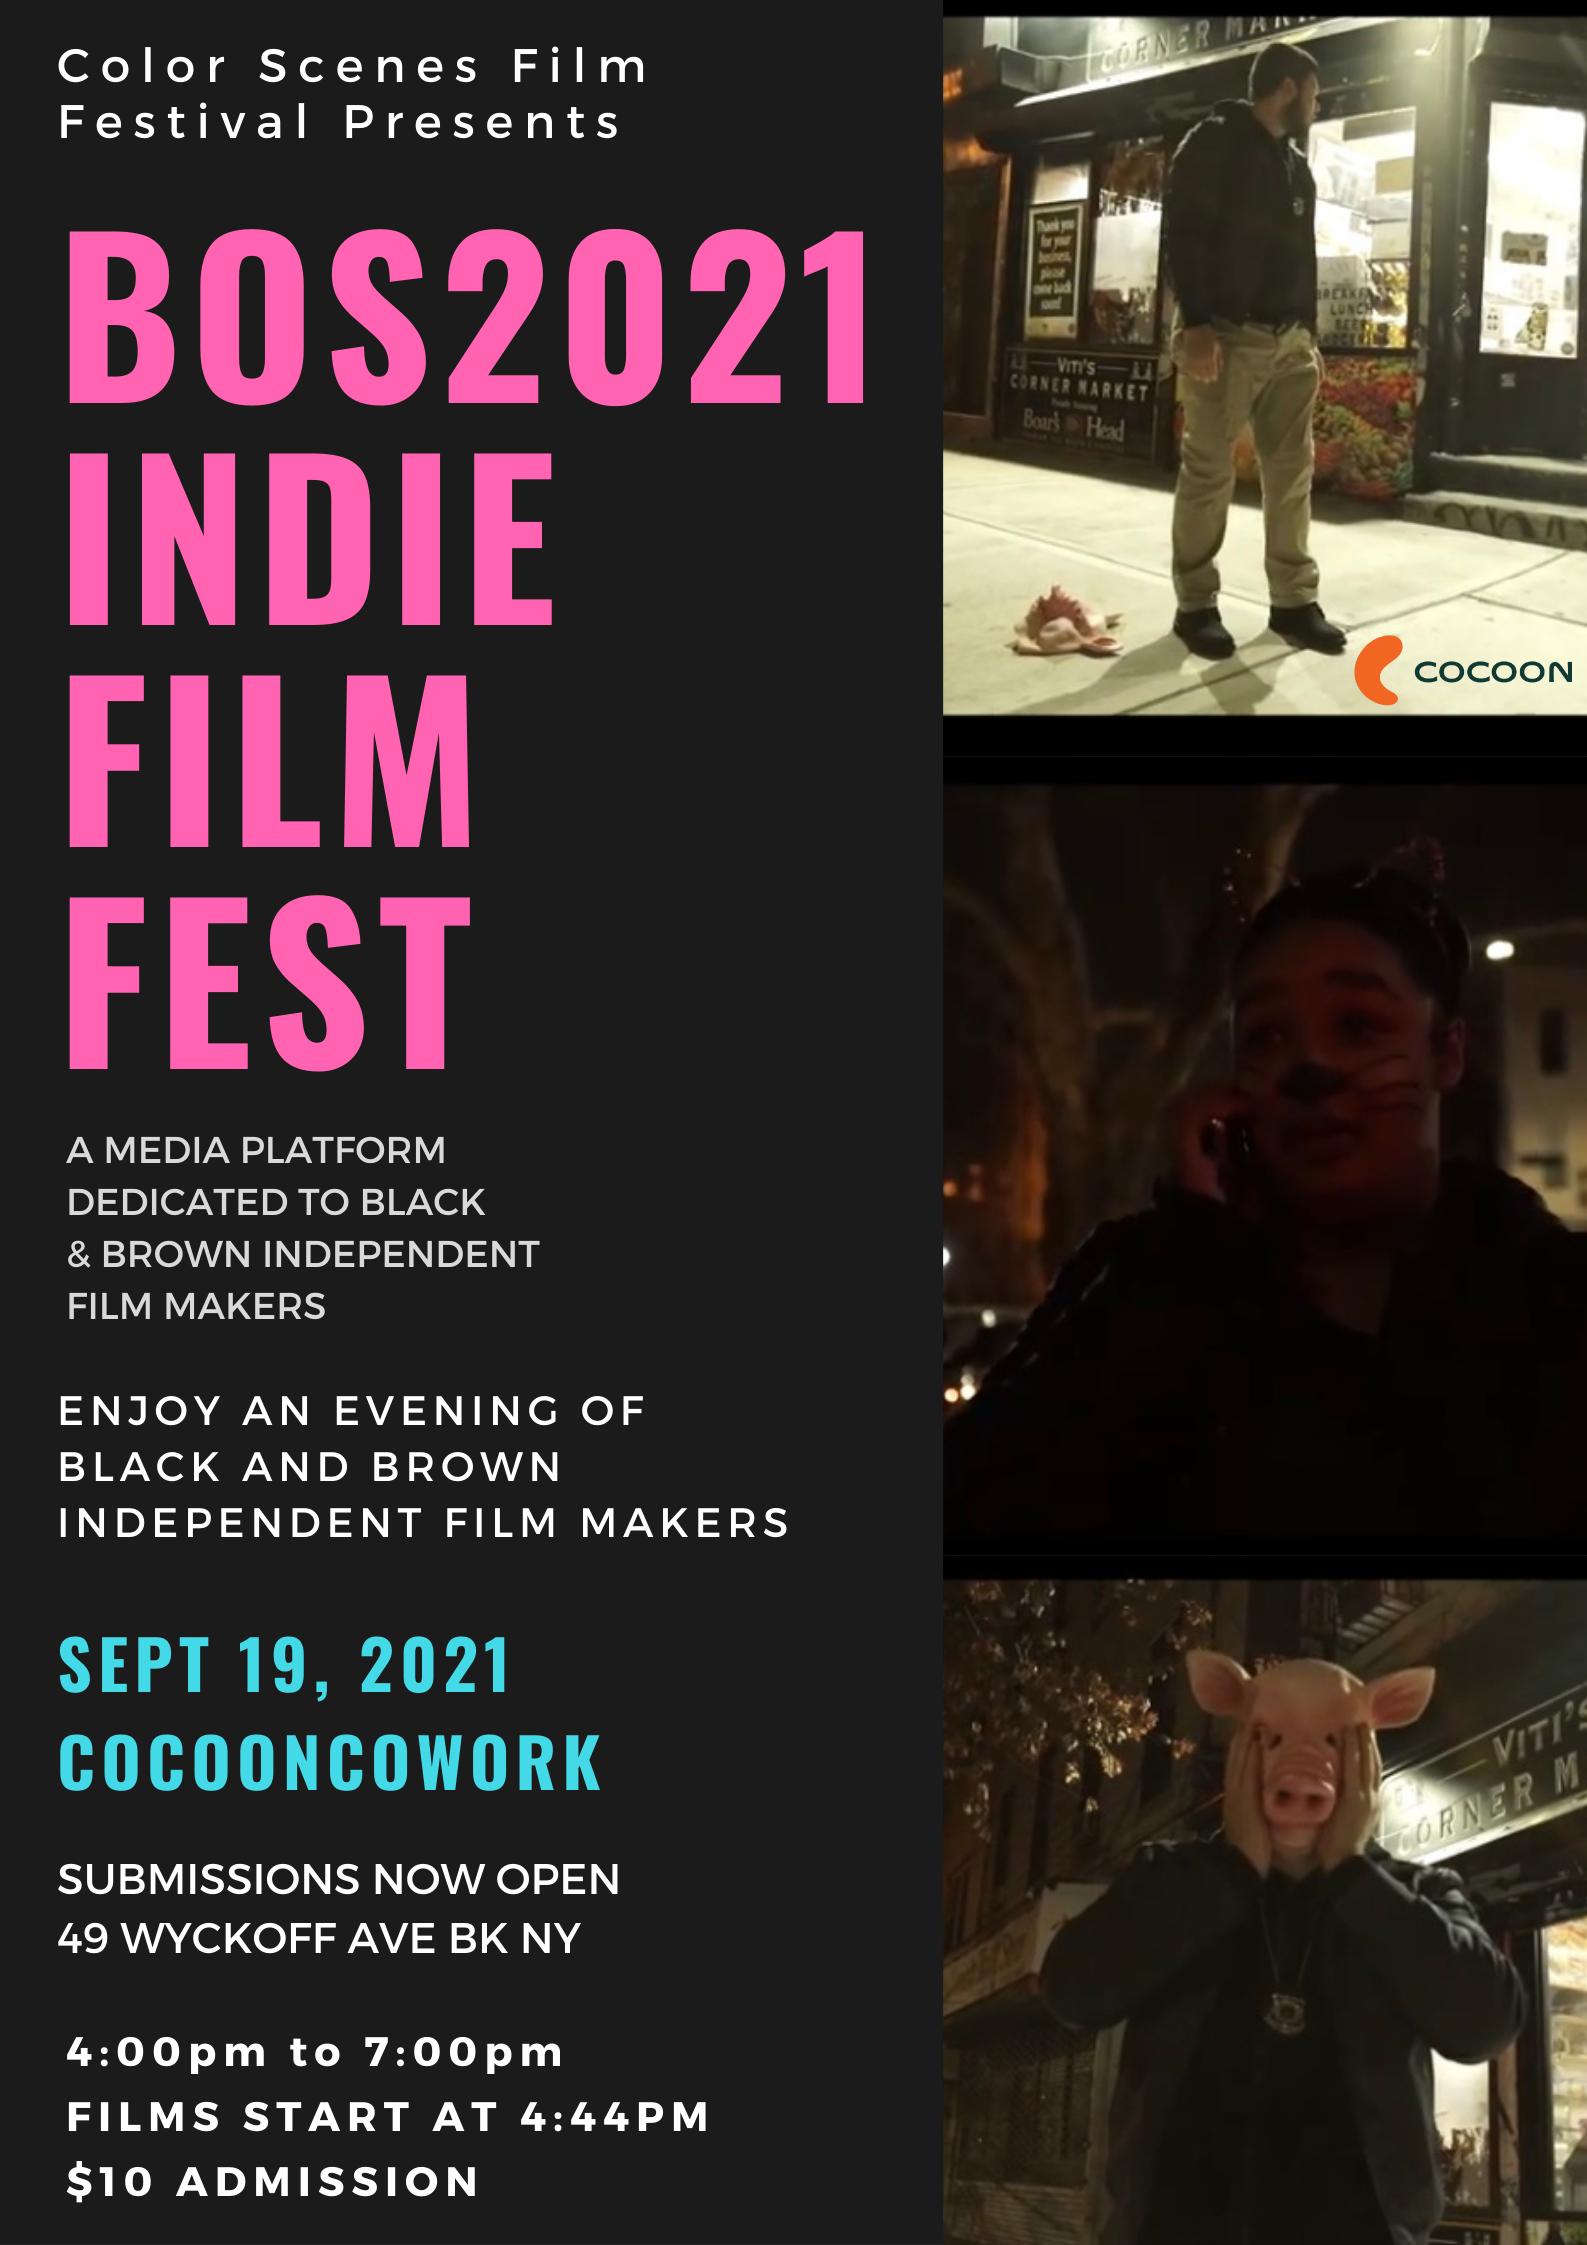 BOS2021 COLOR SCENES SHORT FILM FESTIVAL